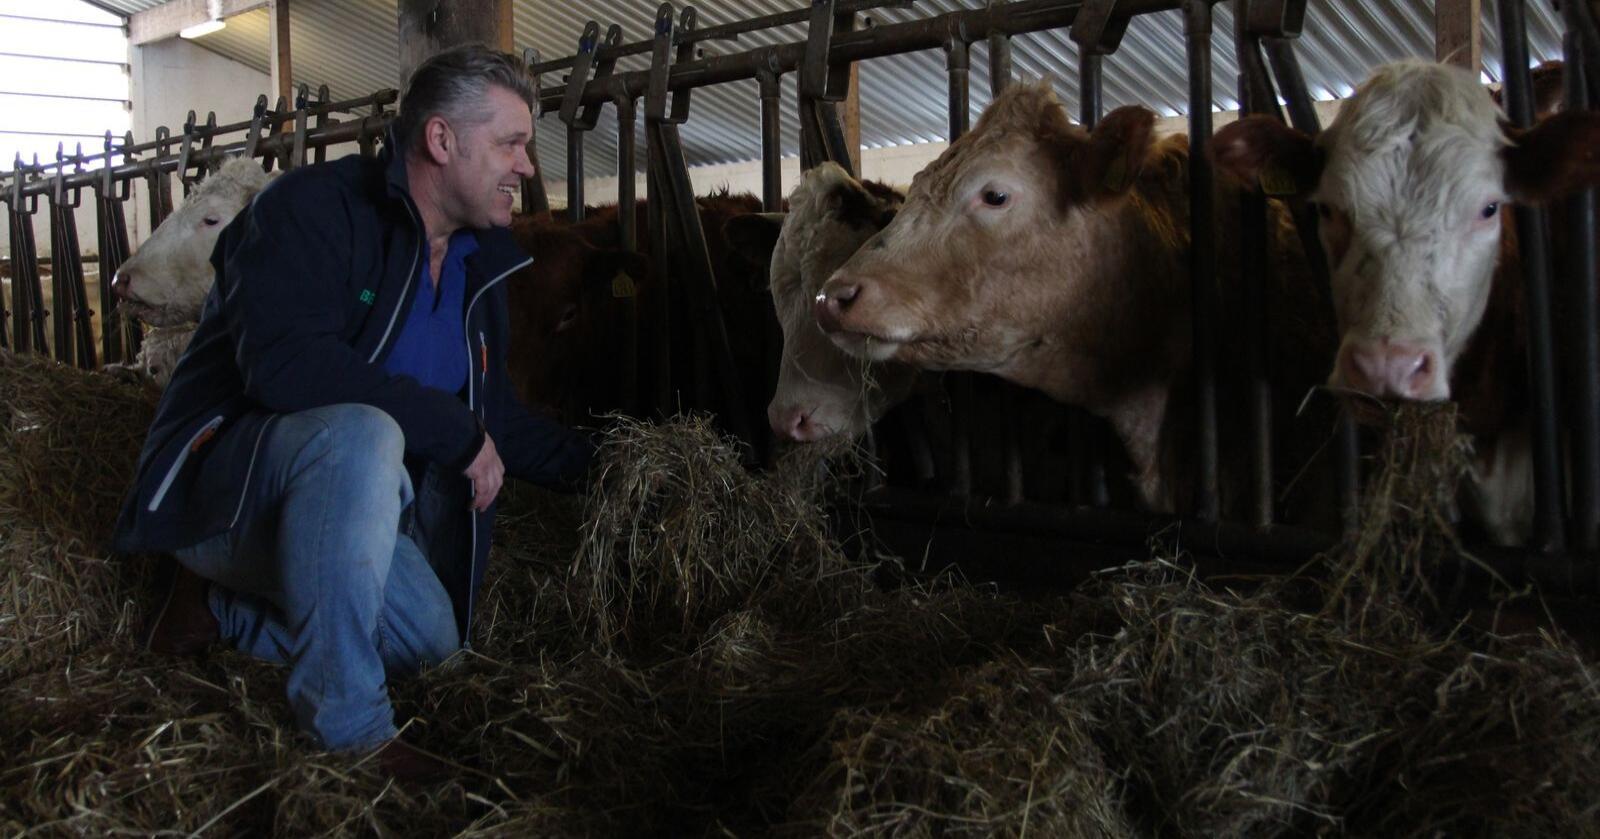 For produsenter av storfekjøtt er det ikke navnet på tilskuddet som betyr noe. Det er tallet, om lag 250 millioner kroner, som er avgjørende, skriver Erling Gresseth i Tyr. (Foto: Kristin Bergo)